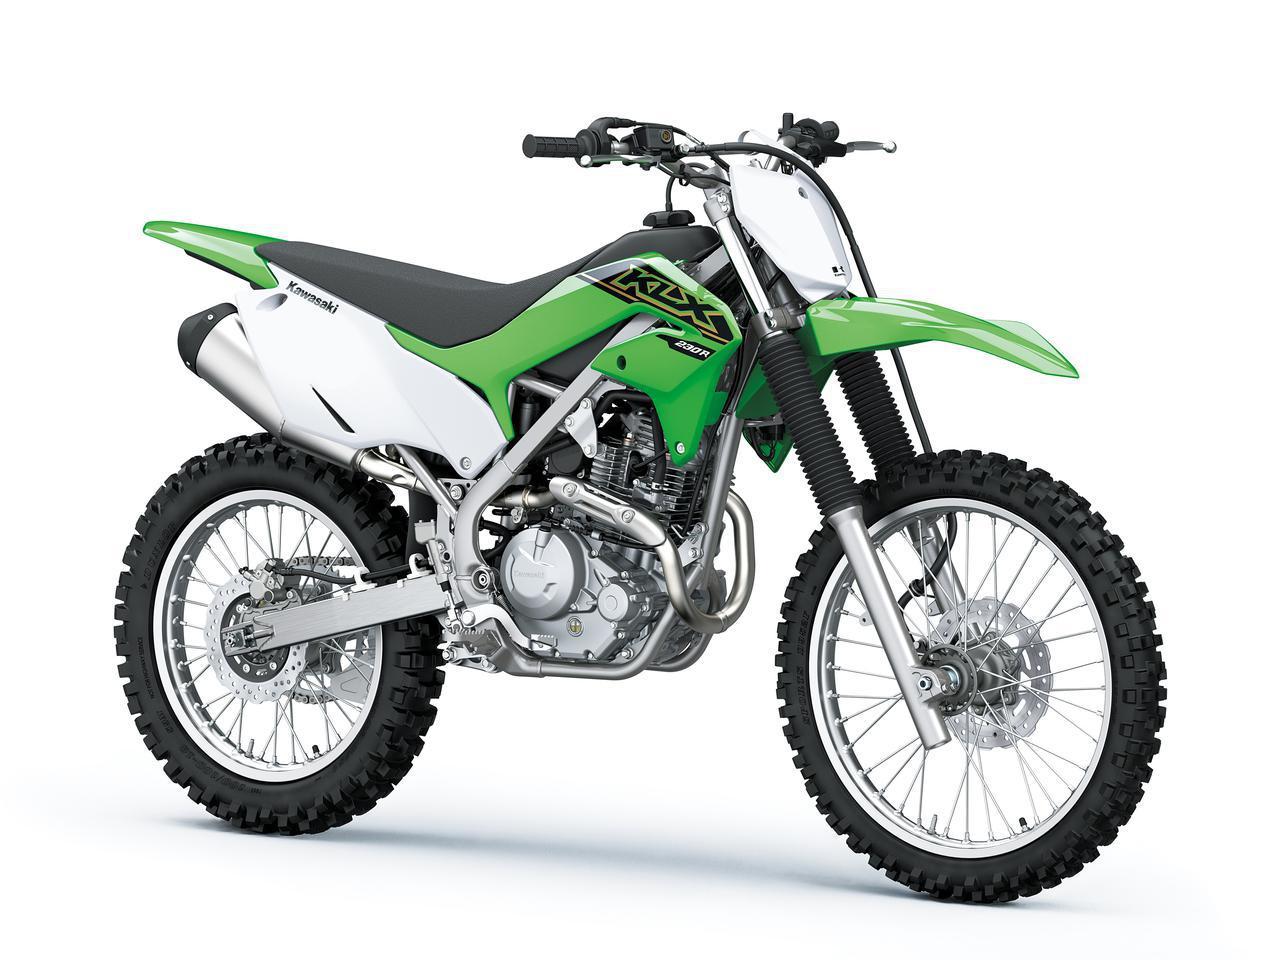 即完売のKLX230Rが、2021モデルにアップデート